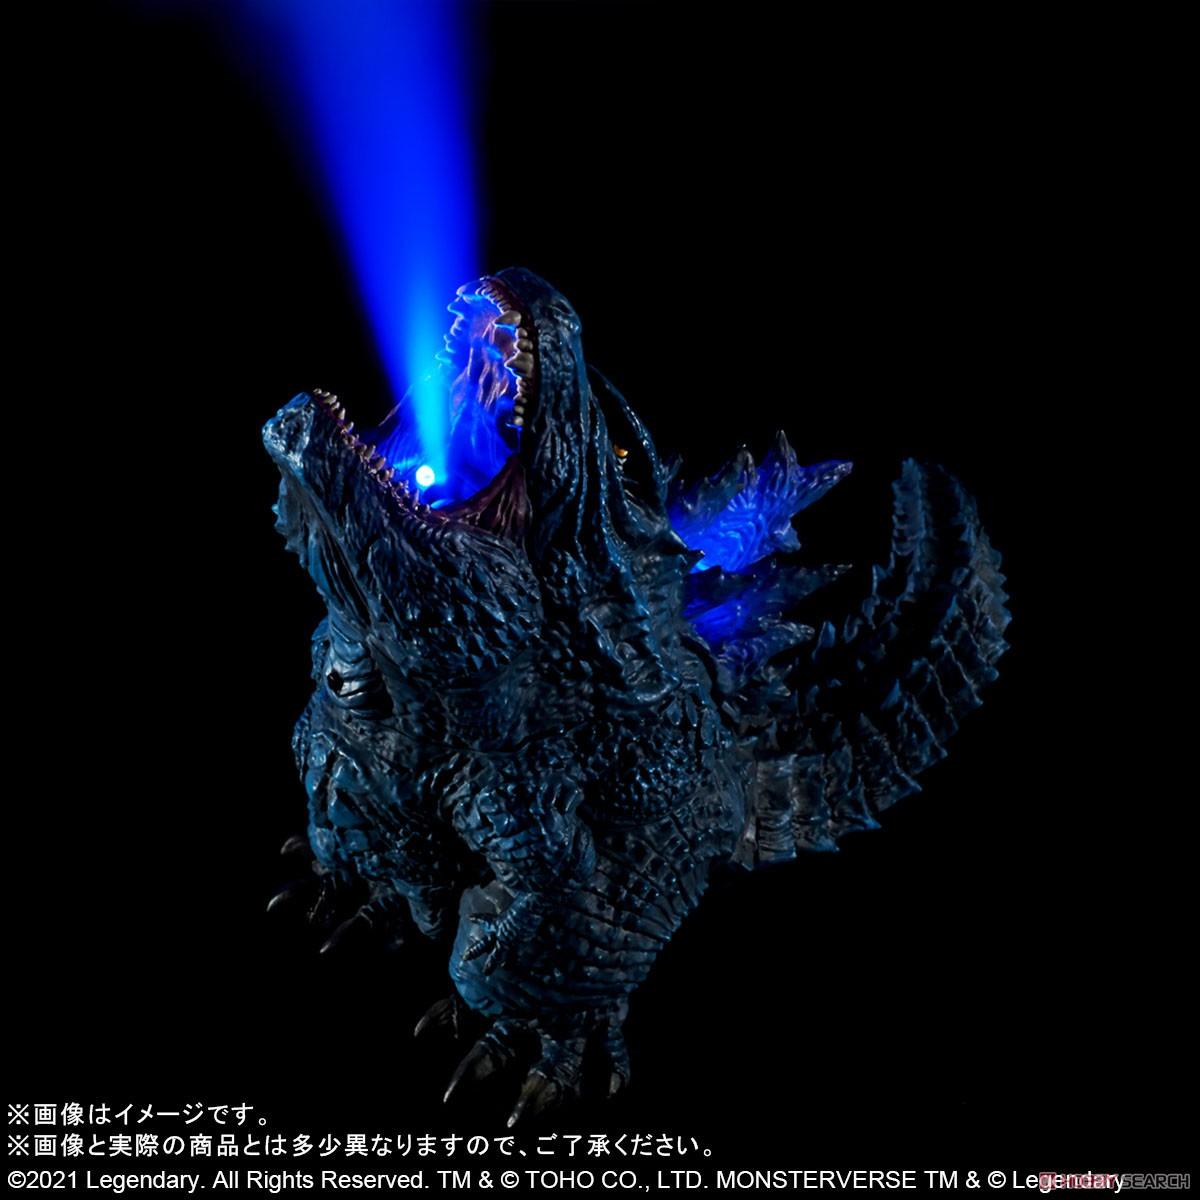 デフォリアル SFX『ゴジラ(2019)』キング・オブ・モンスターズ 完成品フィギュア-011